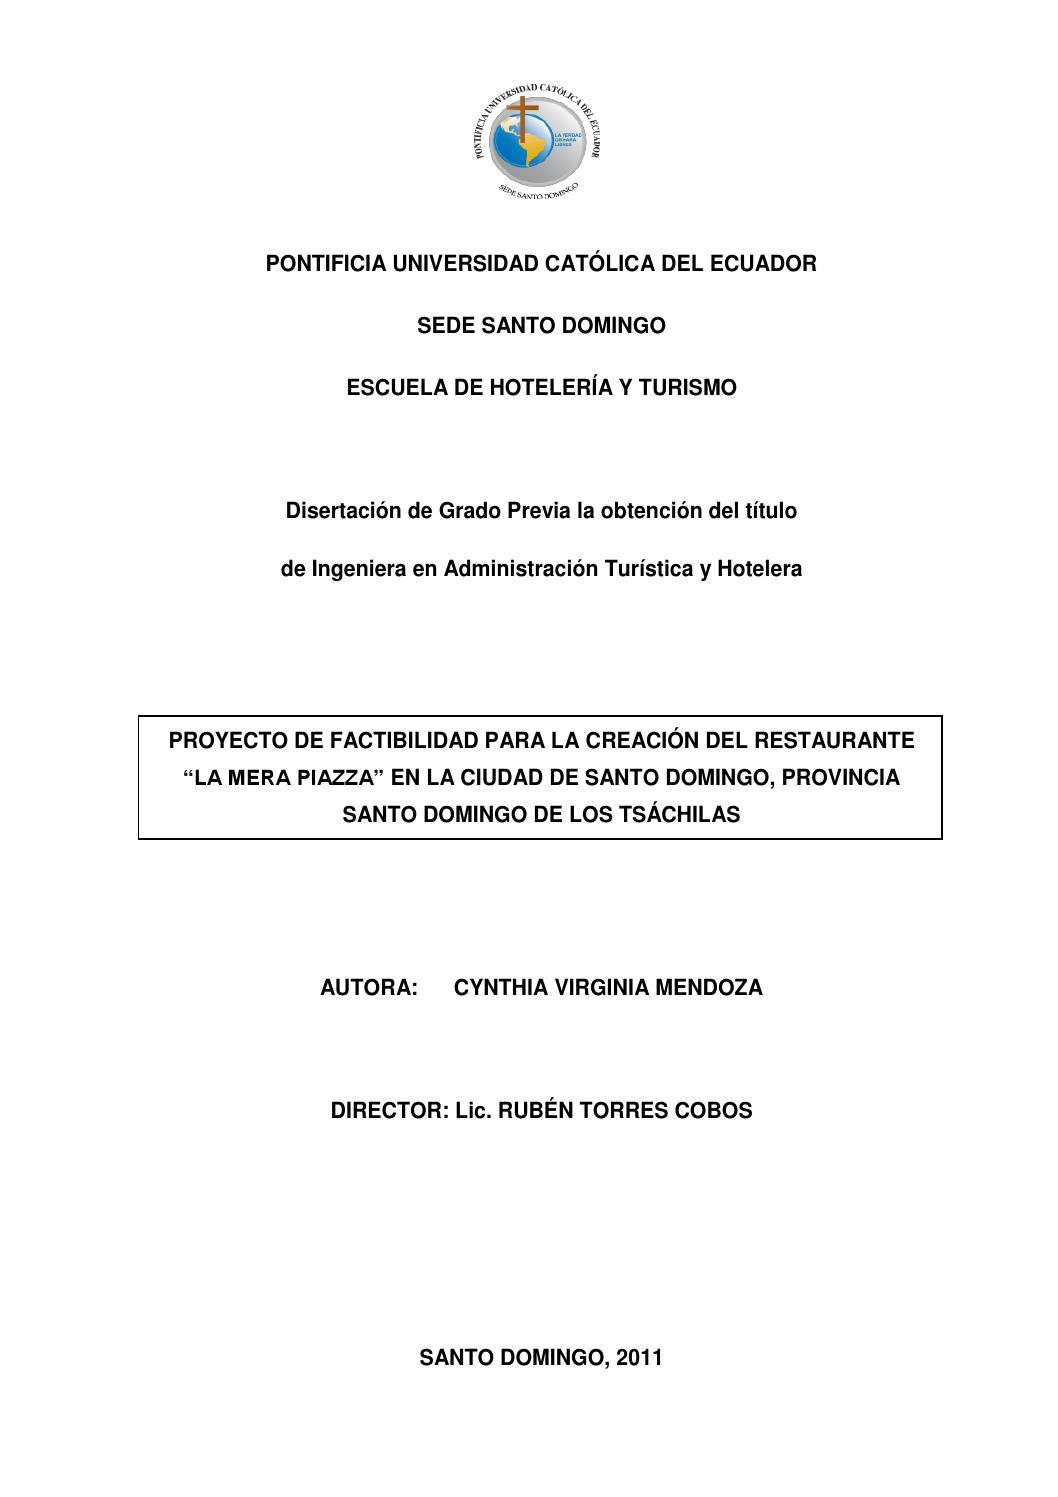 Creación del Restaurante La Mera Oiazza en SD by Pontificia ...